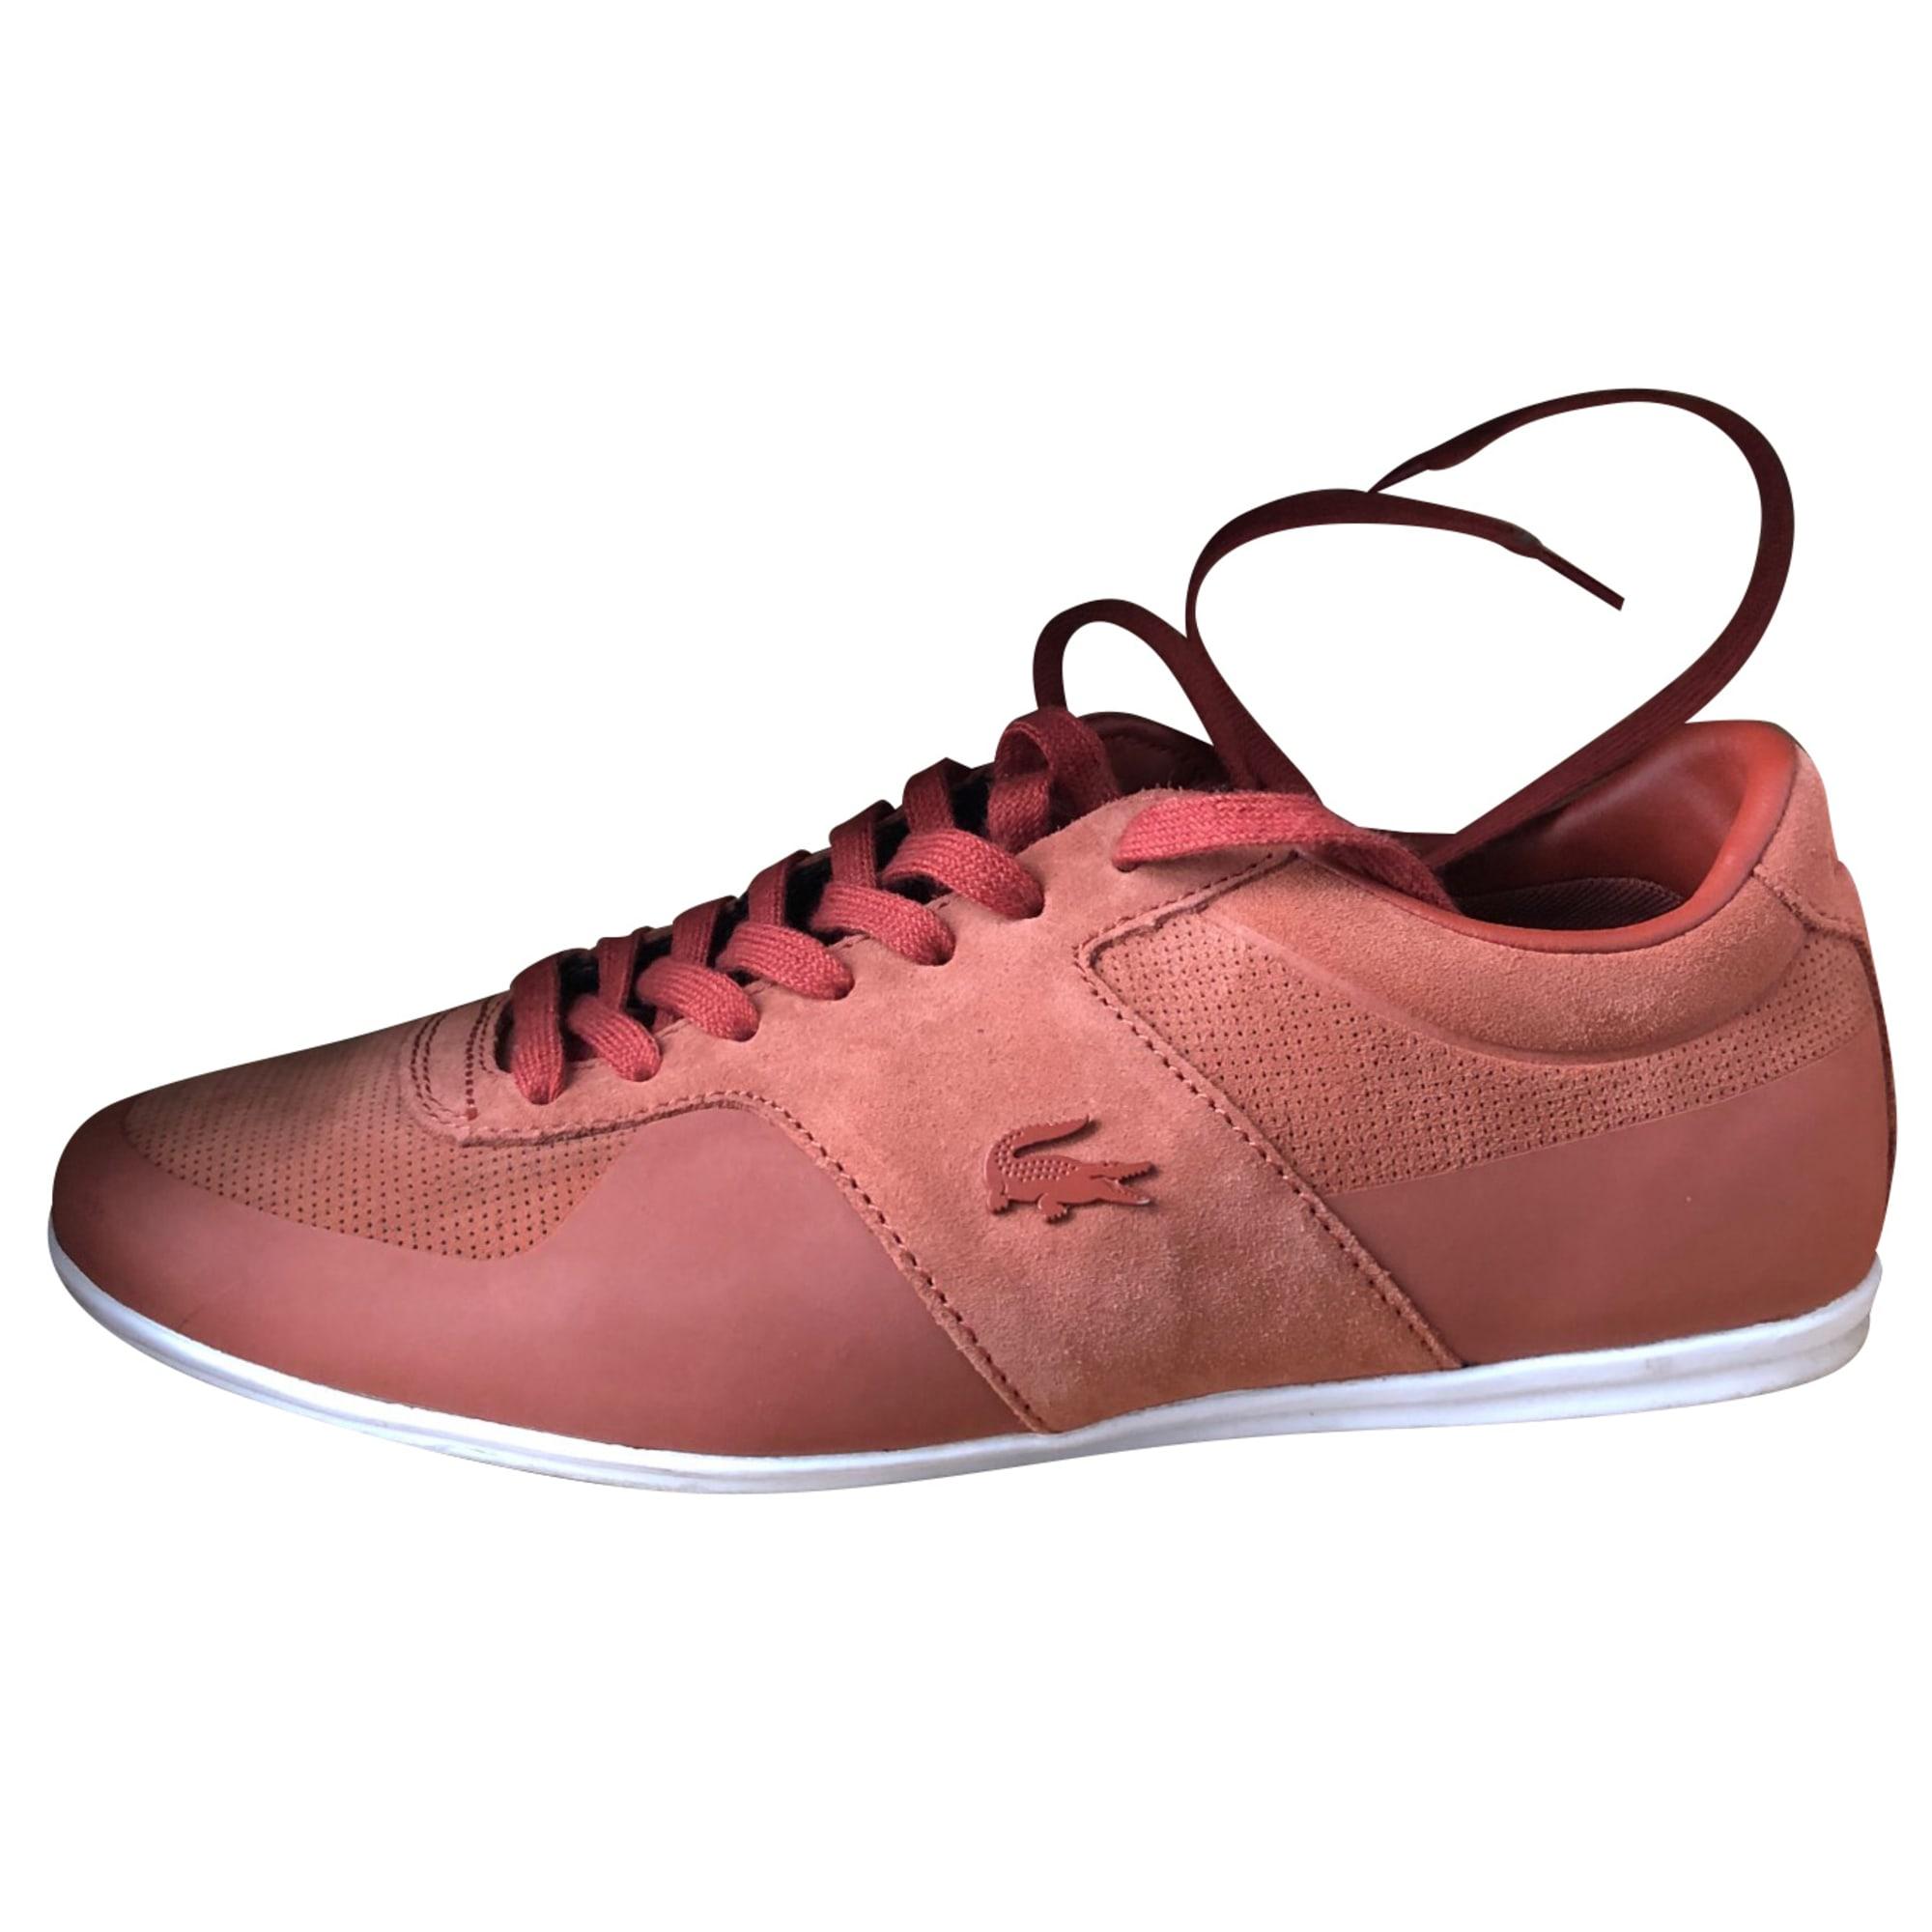 Chaussures à lacets LACOSTE Rouge, bordeaux